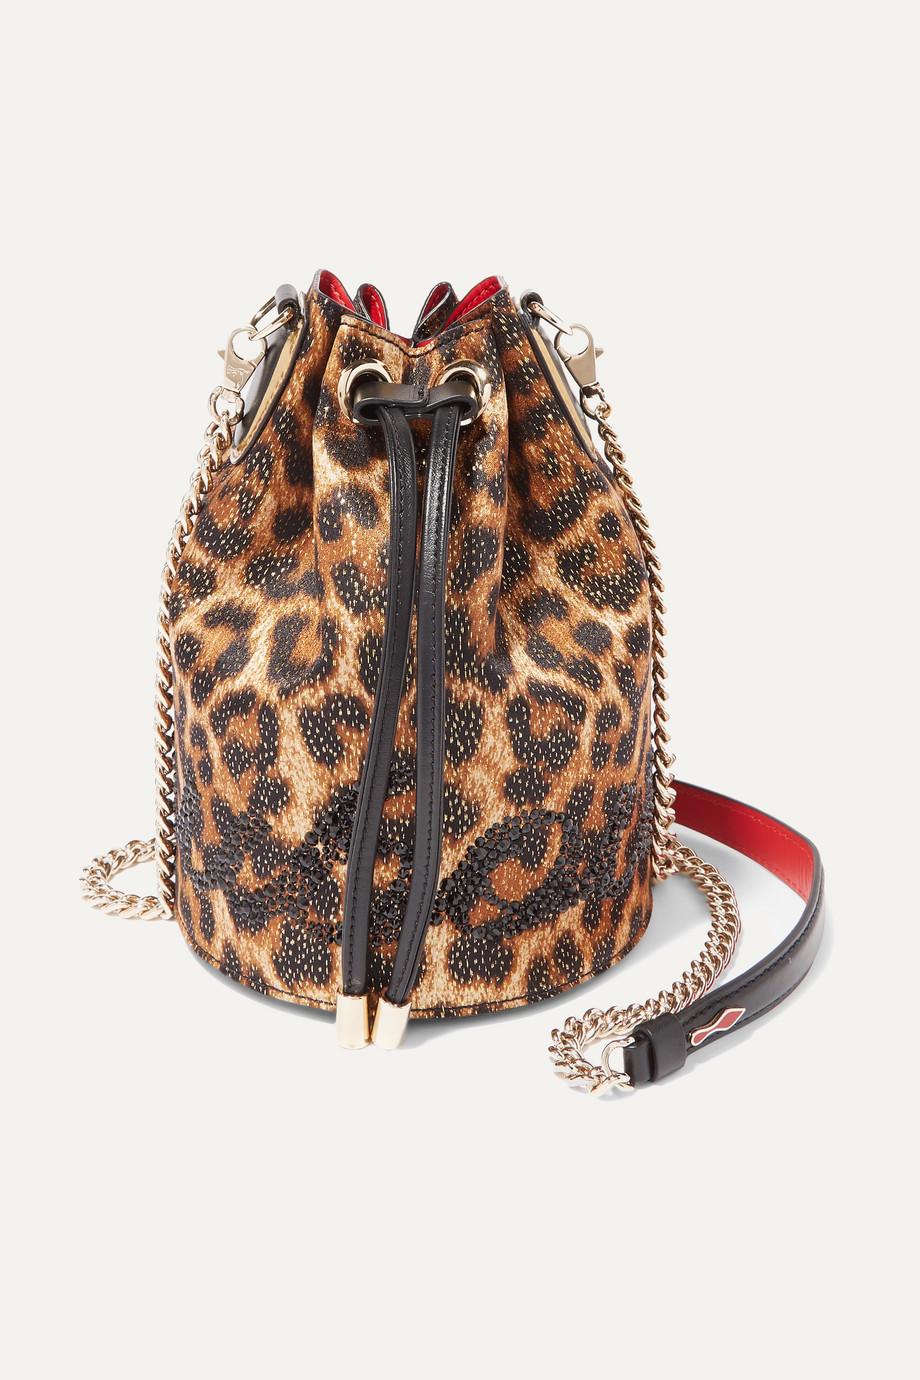 Christian Louboutin Marie Jane verzierte Beuteltasche aus Lurex® mit Leopardenprint und Leder